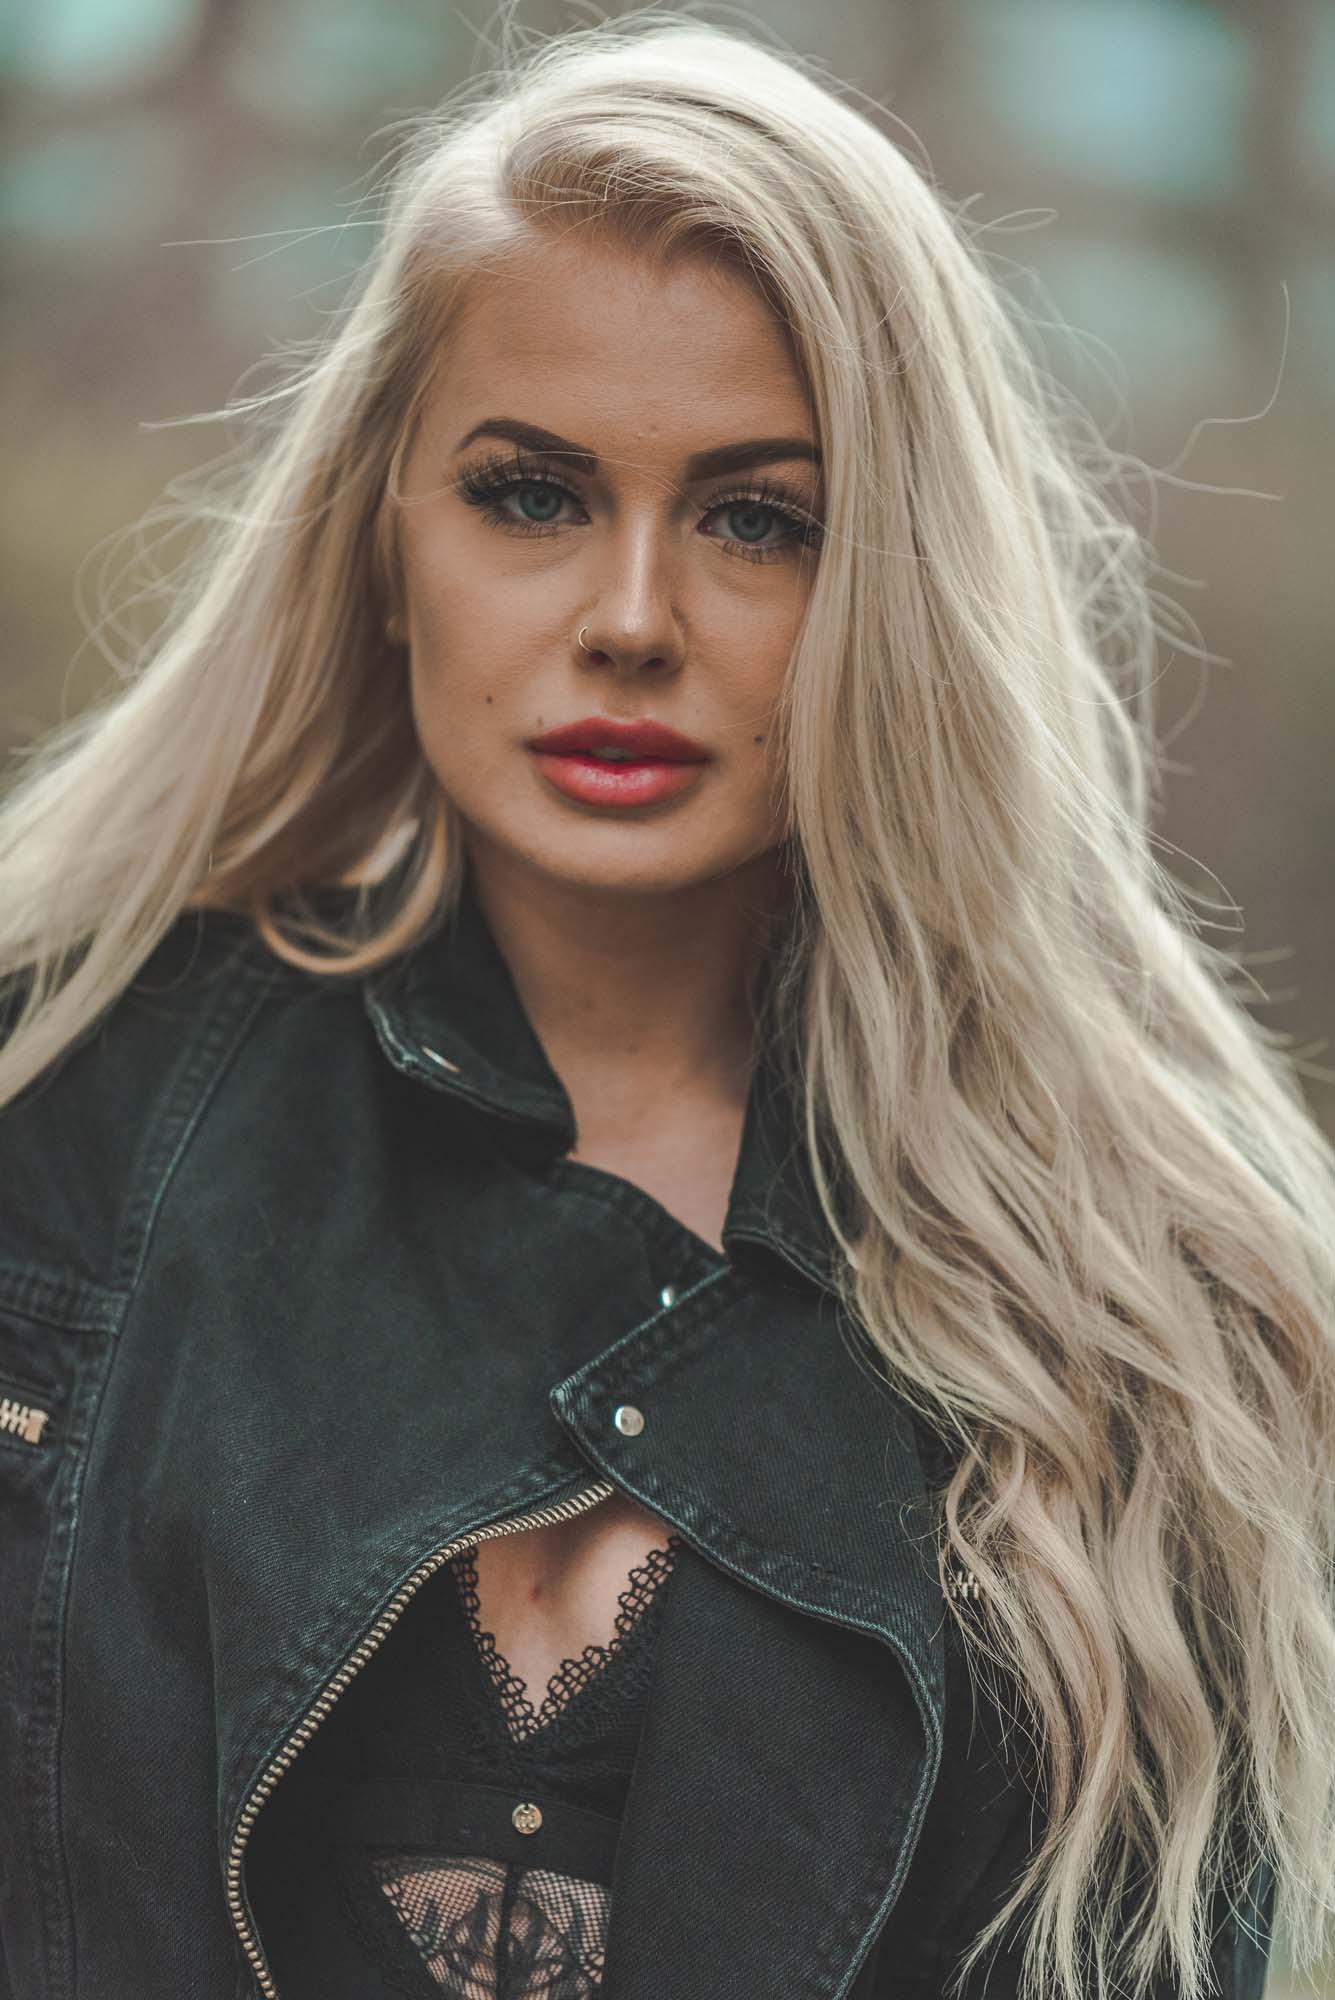 Amanda-171.jpg